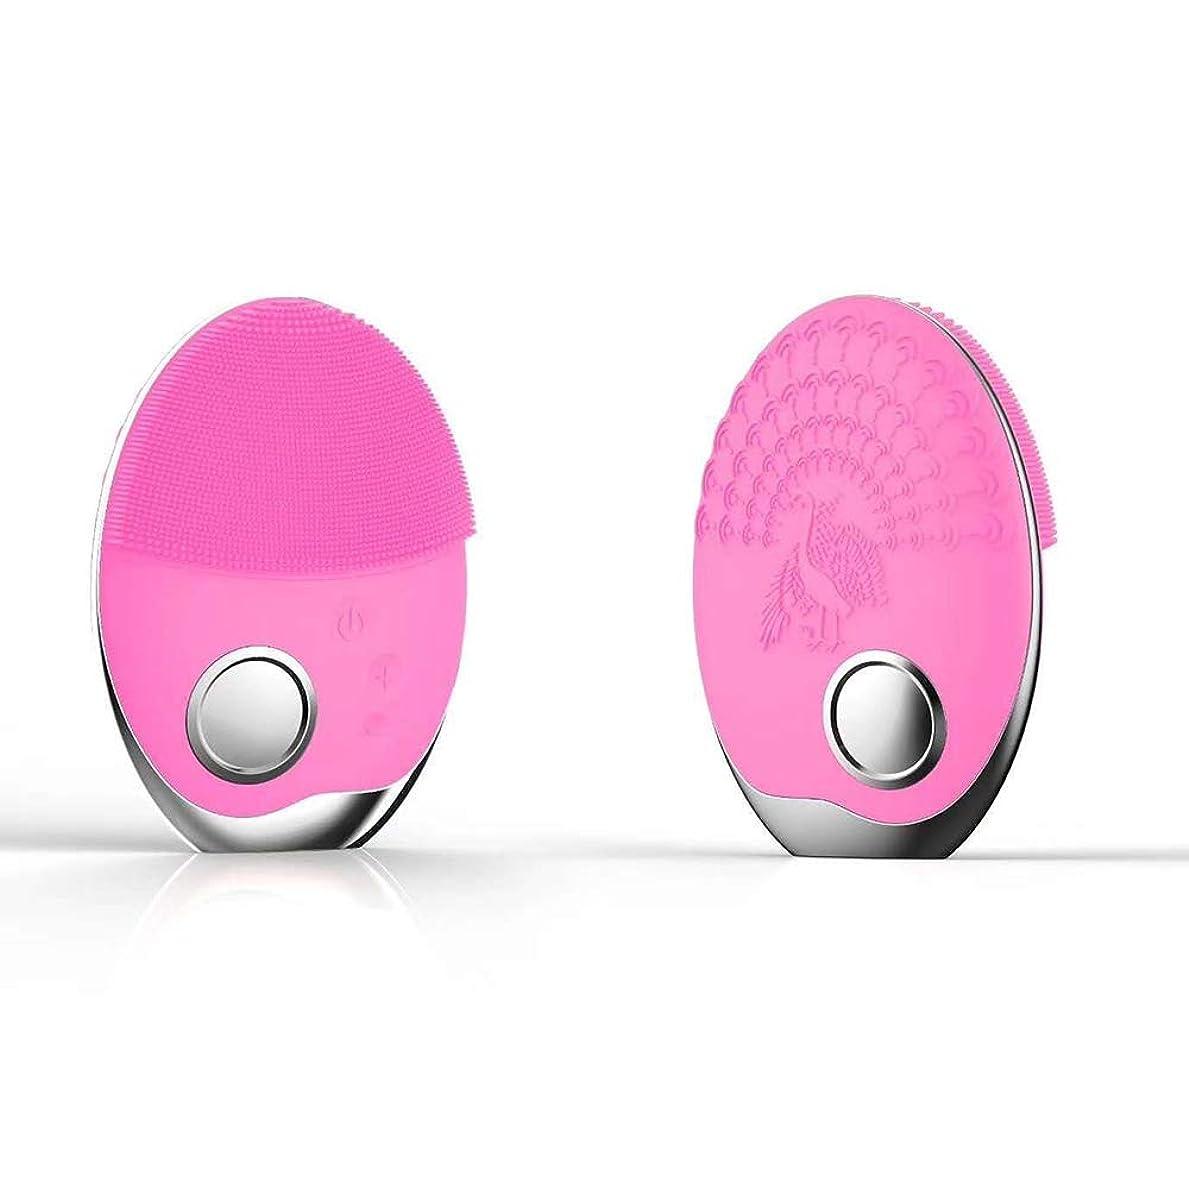 シリコーン防水クレンジング器具、ワイヤレス充電光線療法洗浄ブラシ、フェイシャルクレンジングフェイシャルクレンジング器具